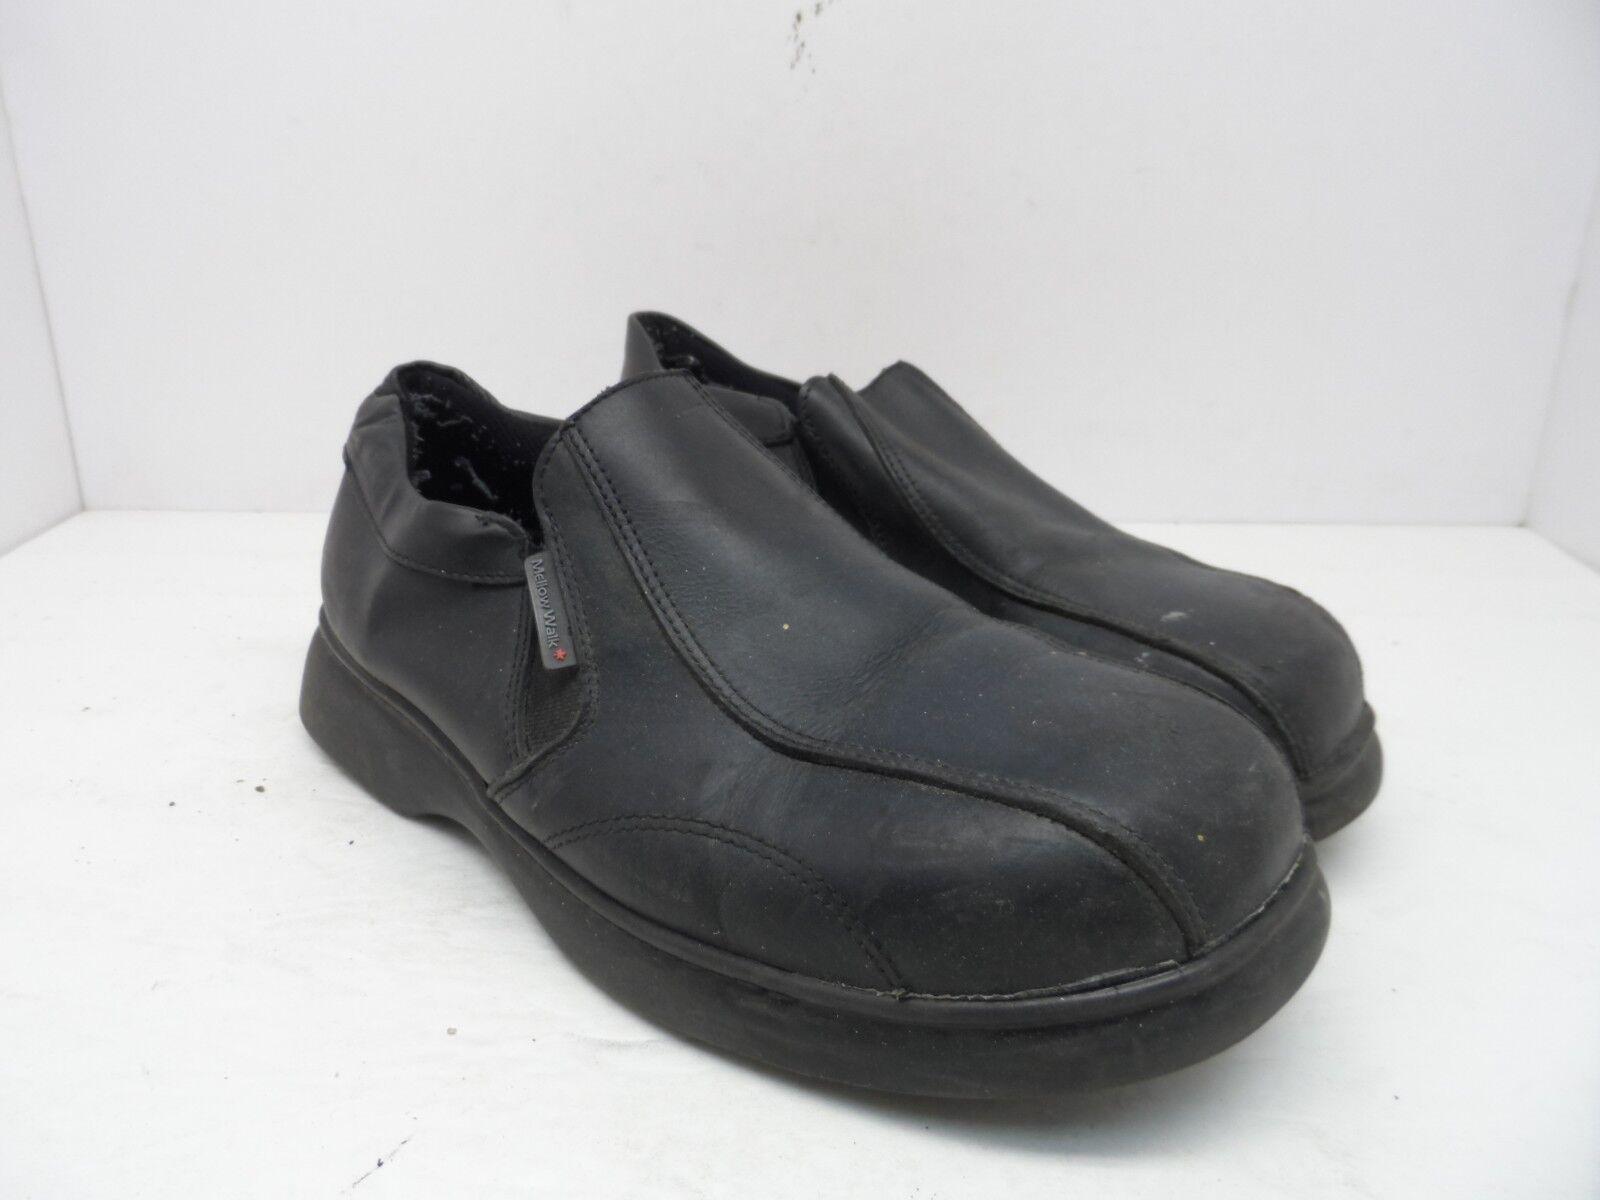 Mellow Walk Men's PATRICK Loafer Steel Toe Work Shoe Loafer PATRICK 5142 Black Size 9.5EE 79b1db